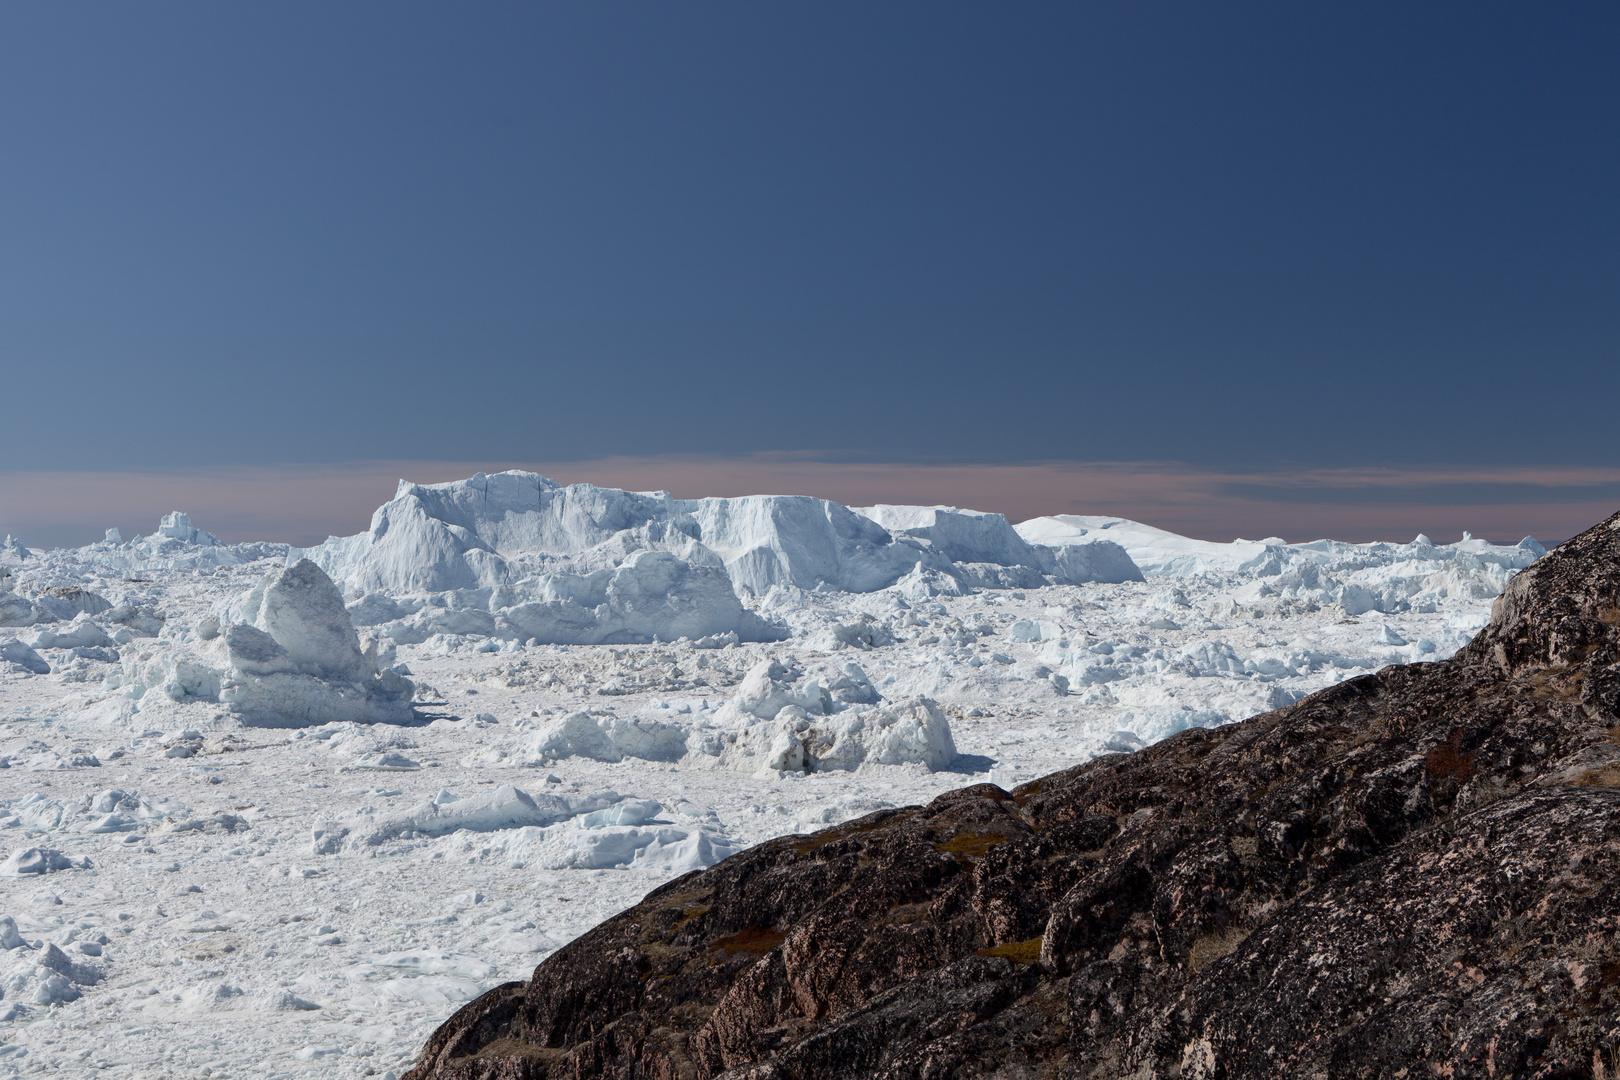 Kangia-Eisfjord